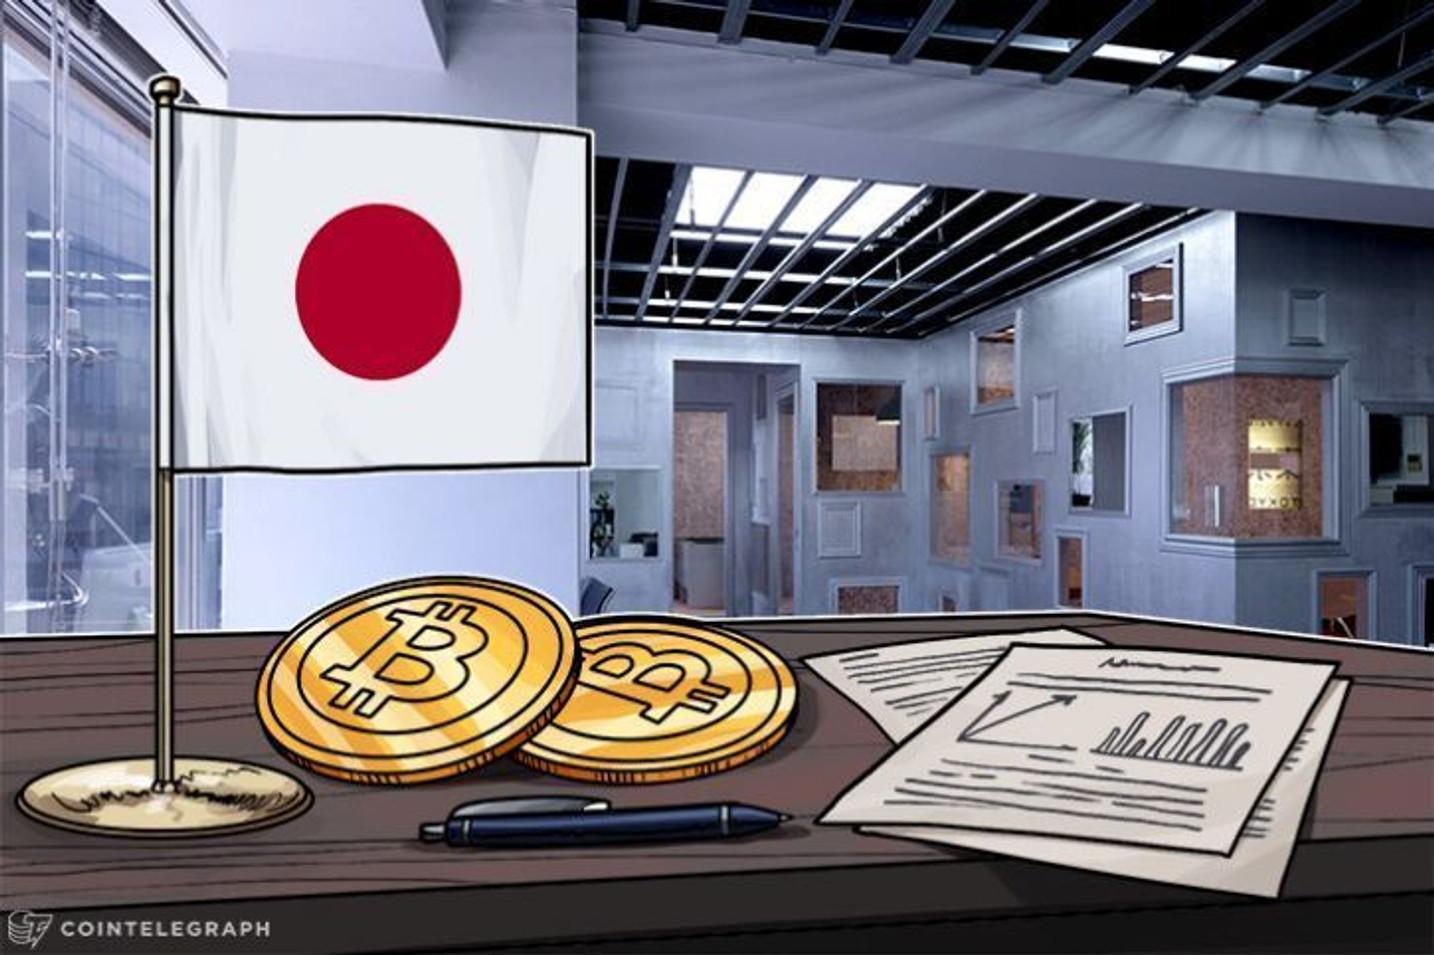 Preço do Bitcoin ultrapassa os 1.000.000 de ienes à medida que o Japão se apossa de quase 60% da participação de mercado